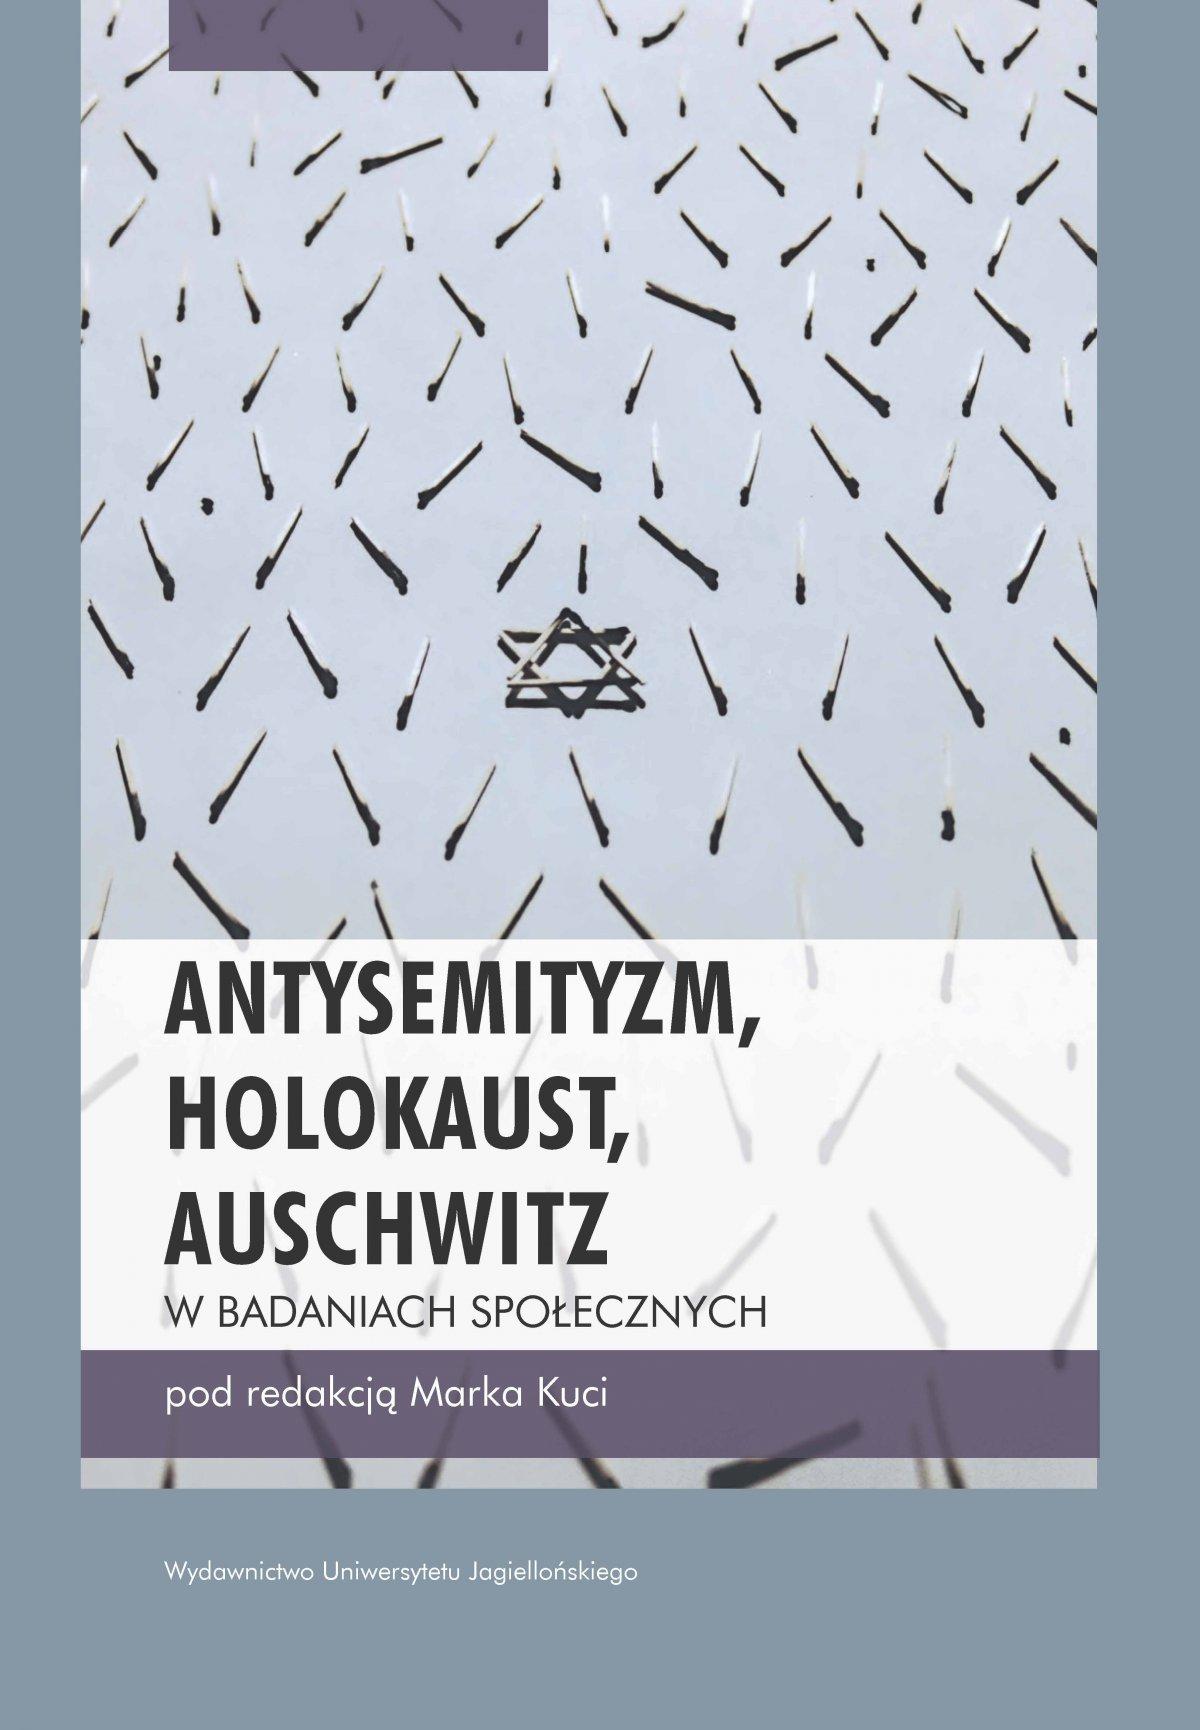 Antysemityzm, Holokaust, Auschwitz w badaniach społecznych - Ebook (Książka PDF) do pobrania w formacie PDF